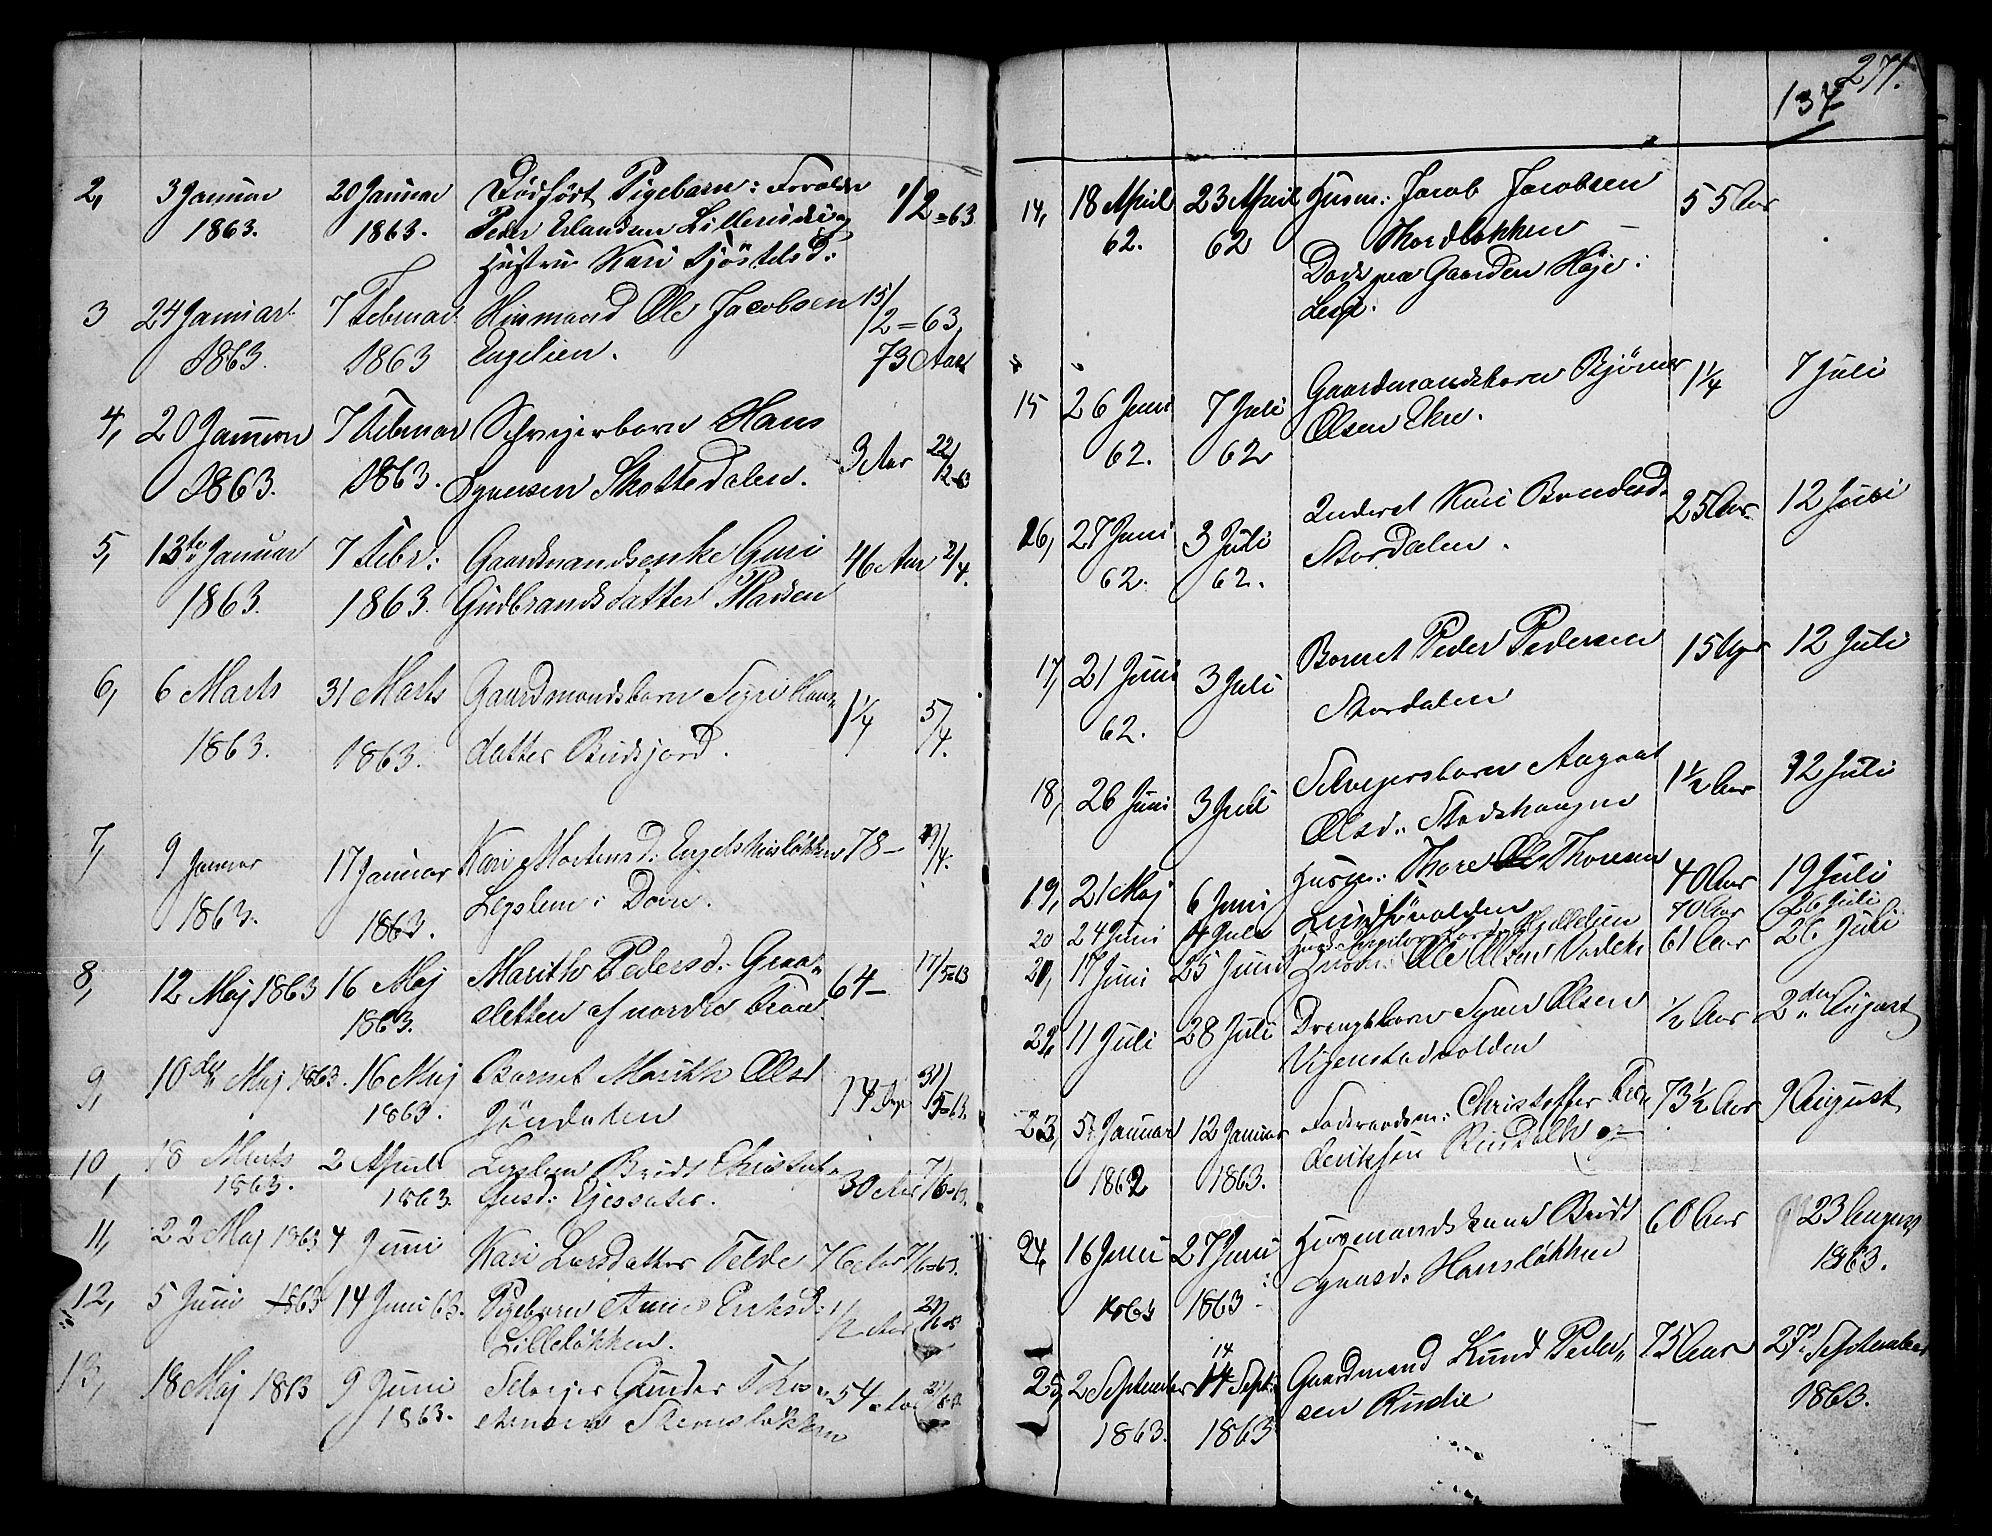 SAH, Dovre prestekontor, Klokkerbok nr. 1, 1862-1880, s. 271